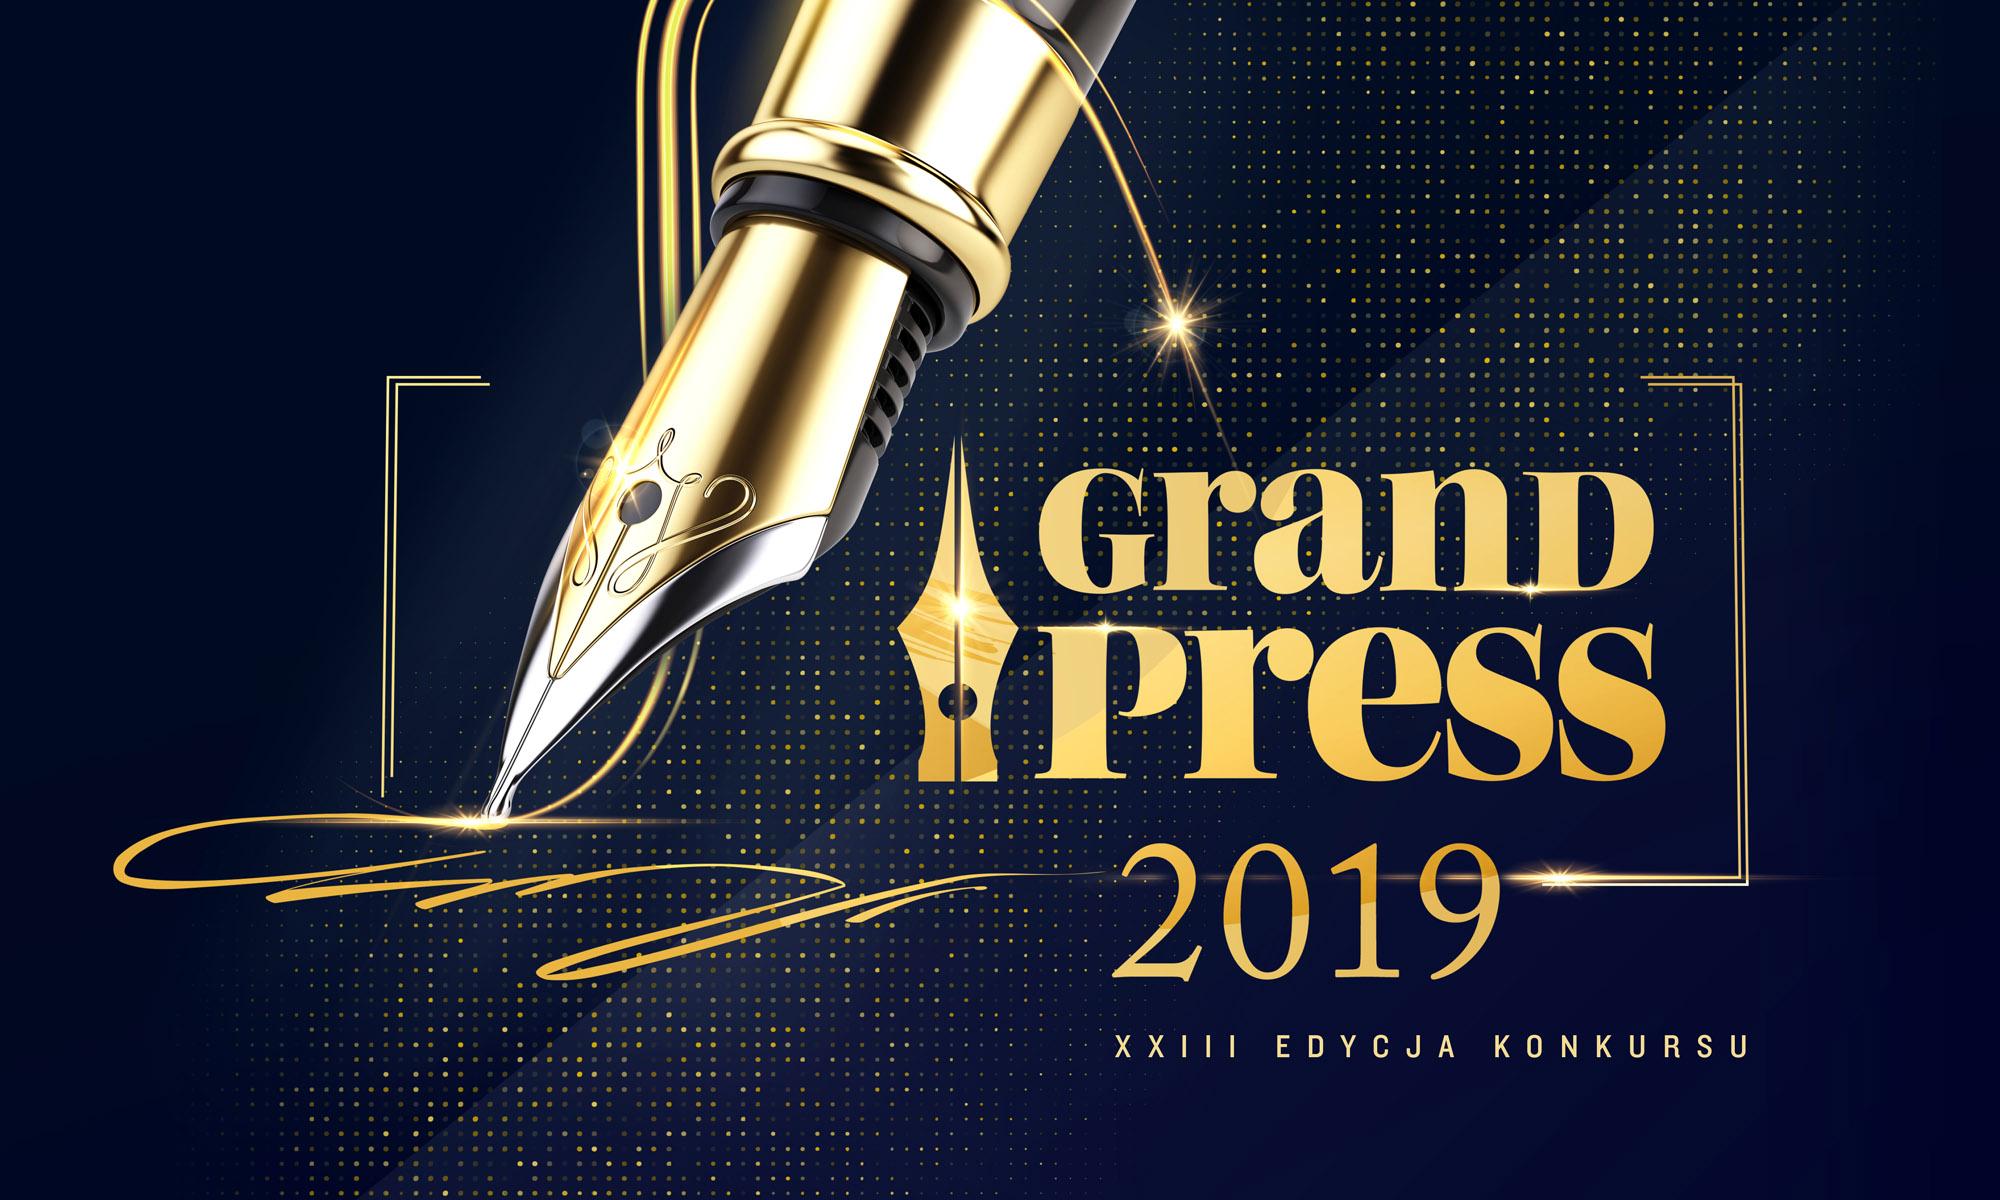 Grand Press